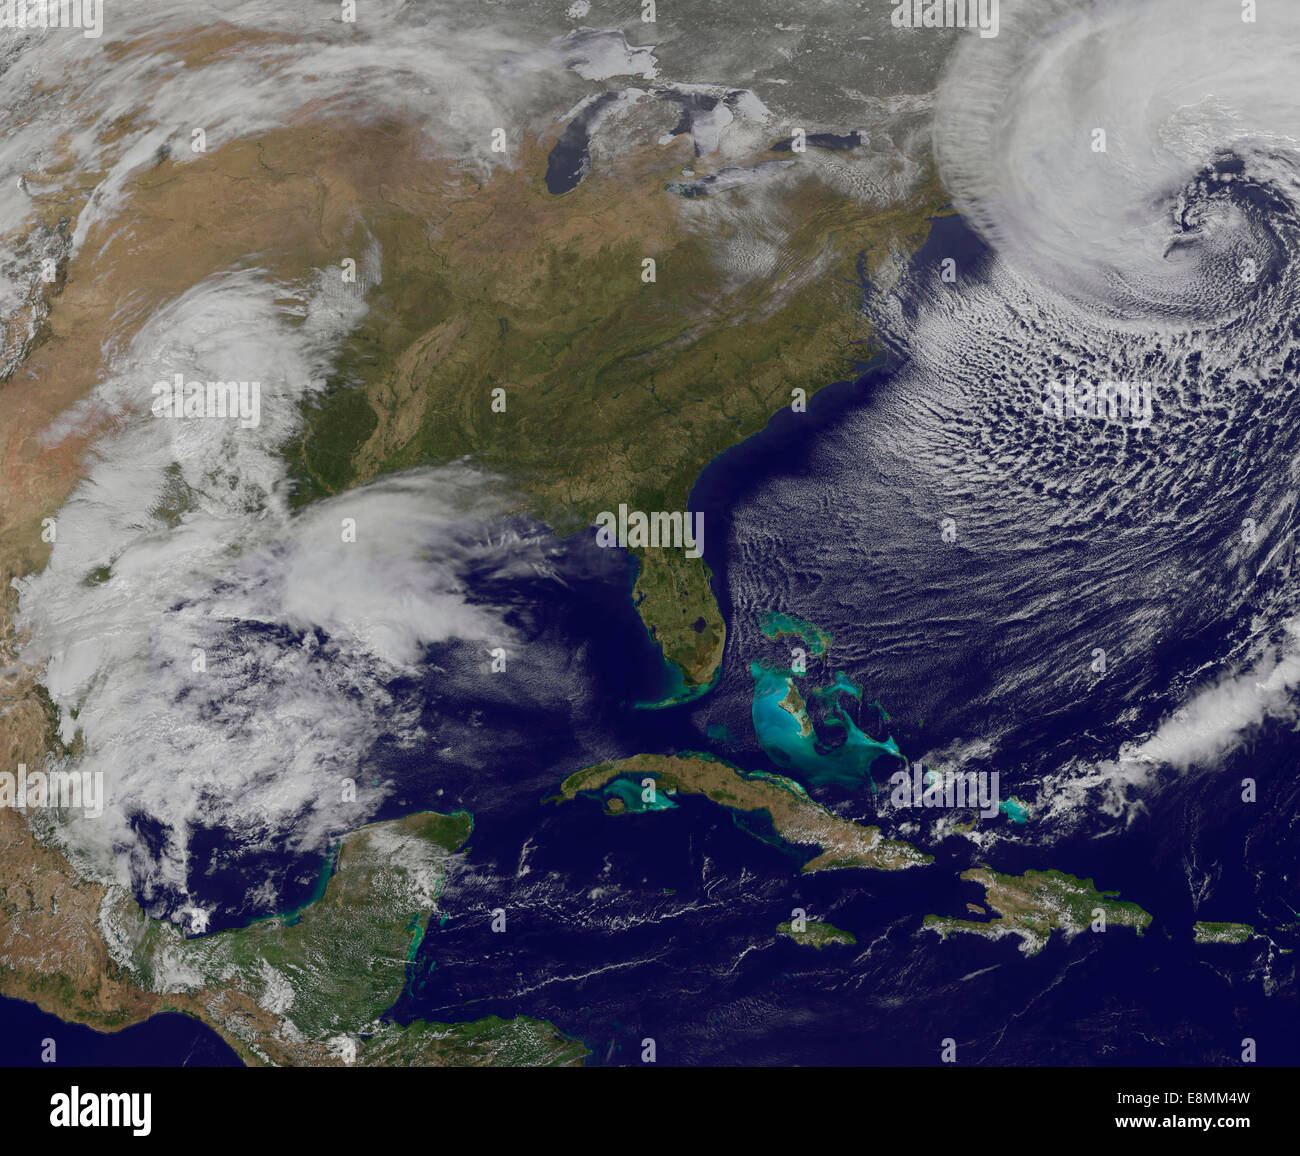 Marzo 26, 2014 - Vista satélite de una fuerte tormenta costera en la costa de Nueva Inglaterra, Estados Unidos. Foto de stock